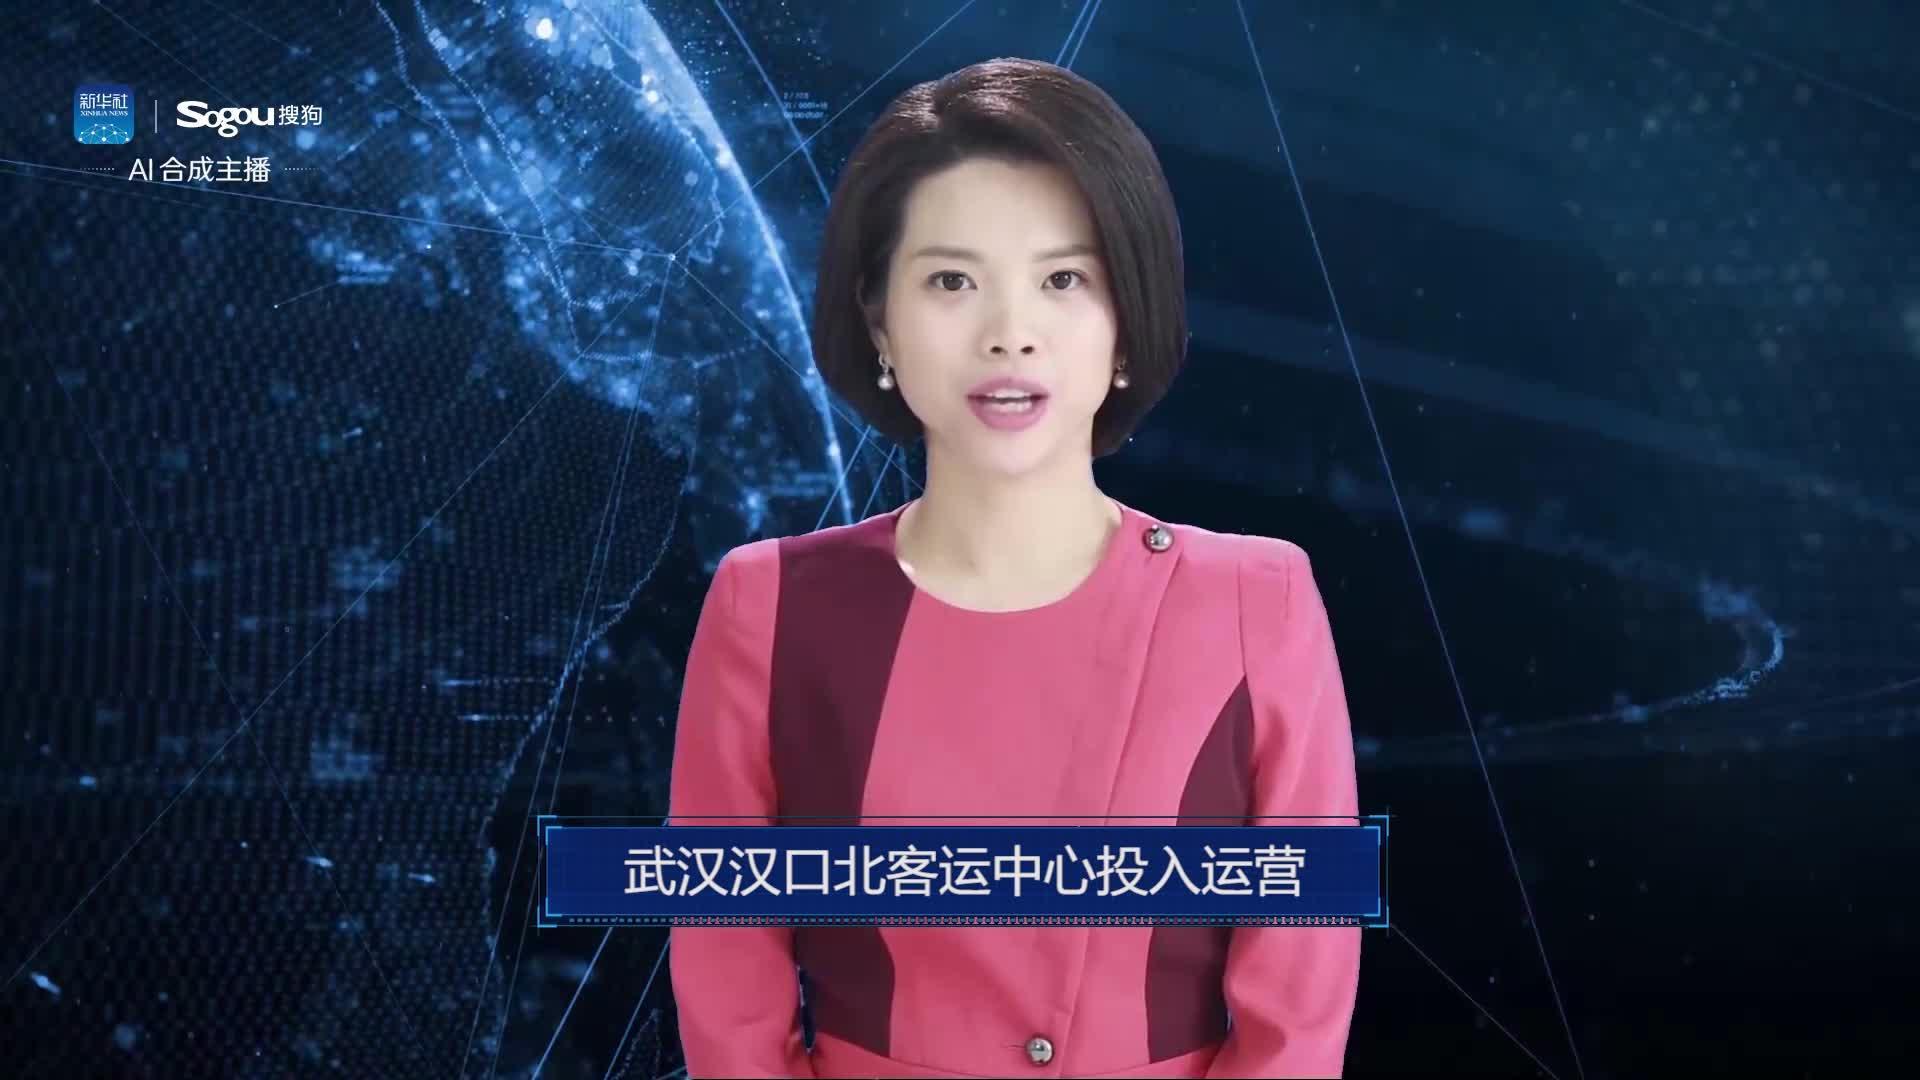 AI合成主播丨武汉汉口北客运中心投入运营